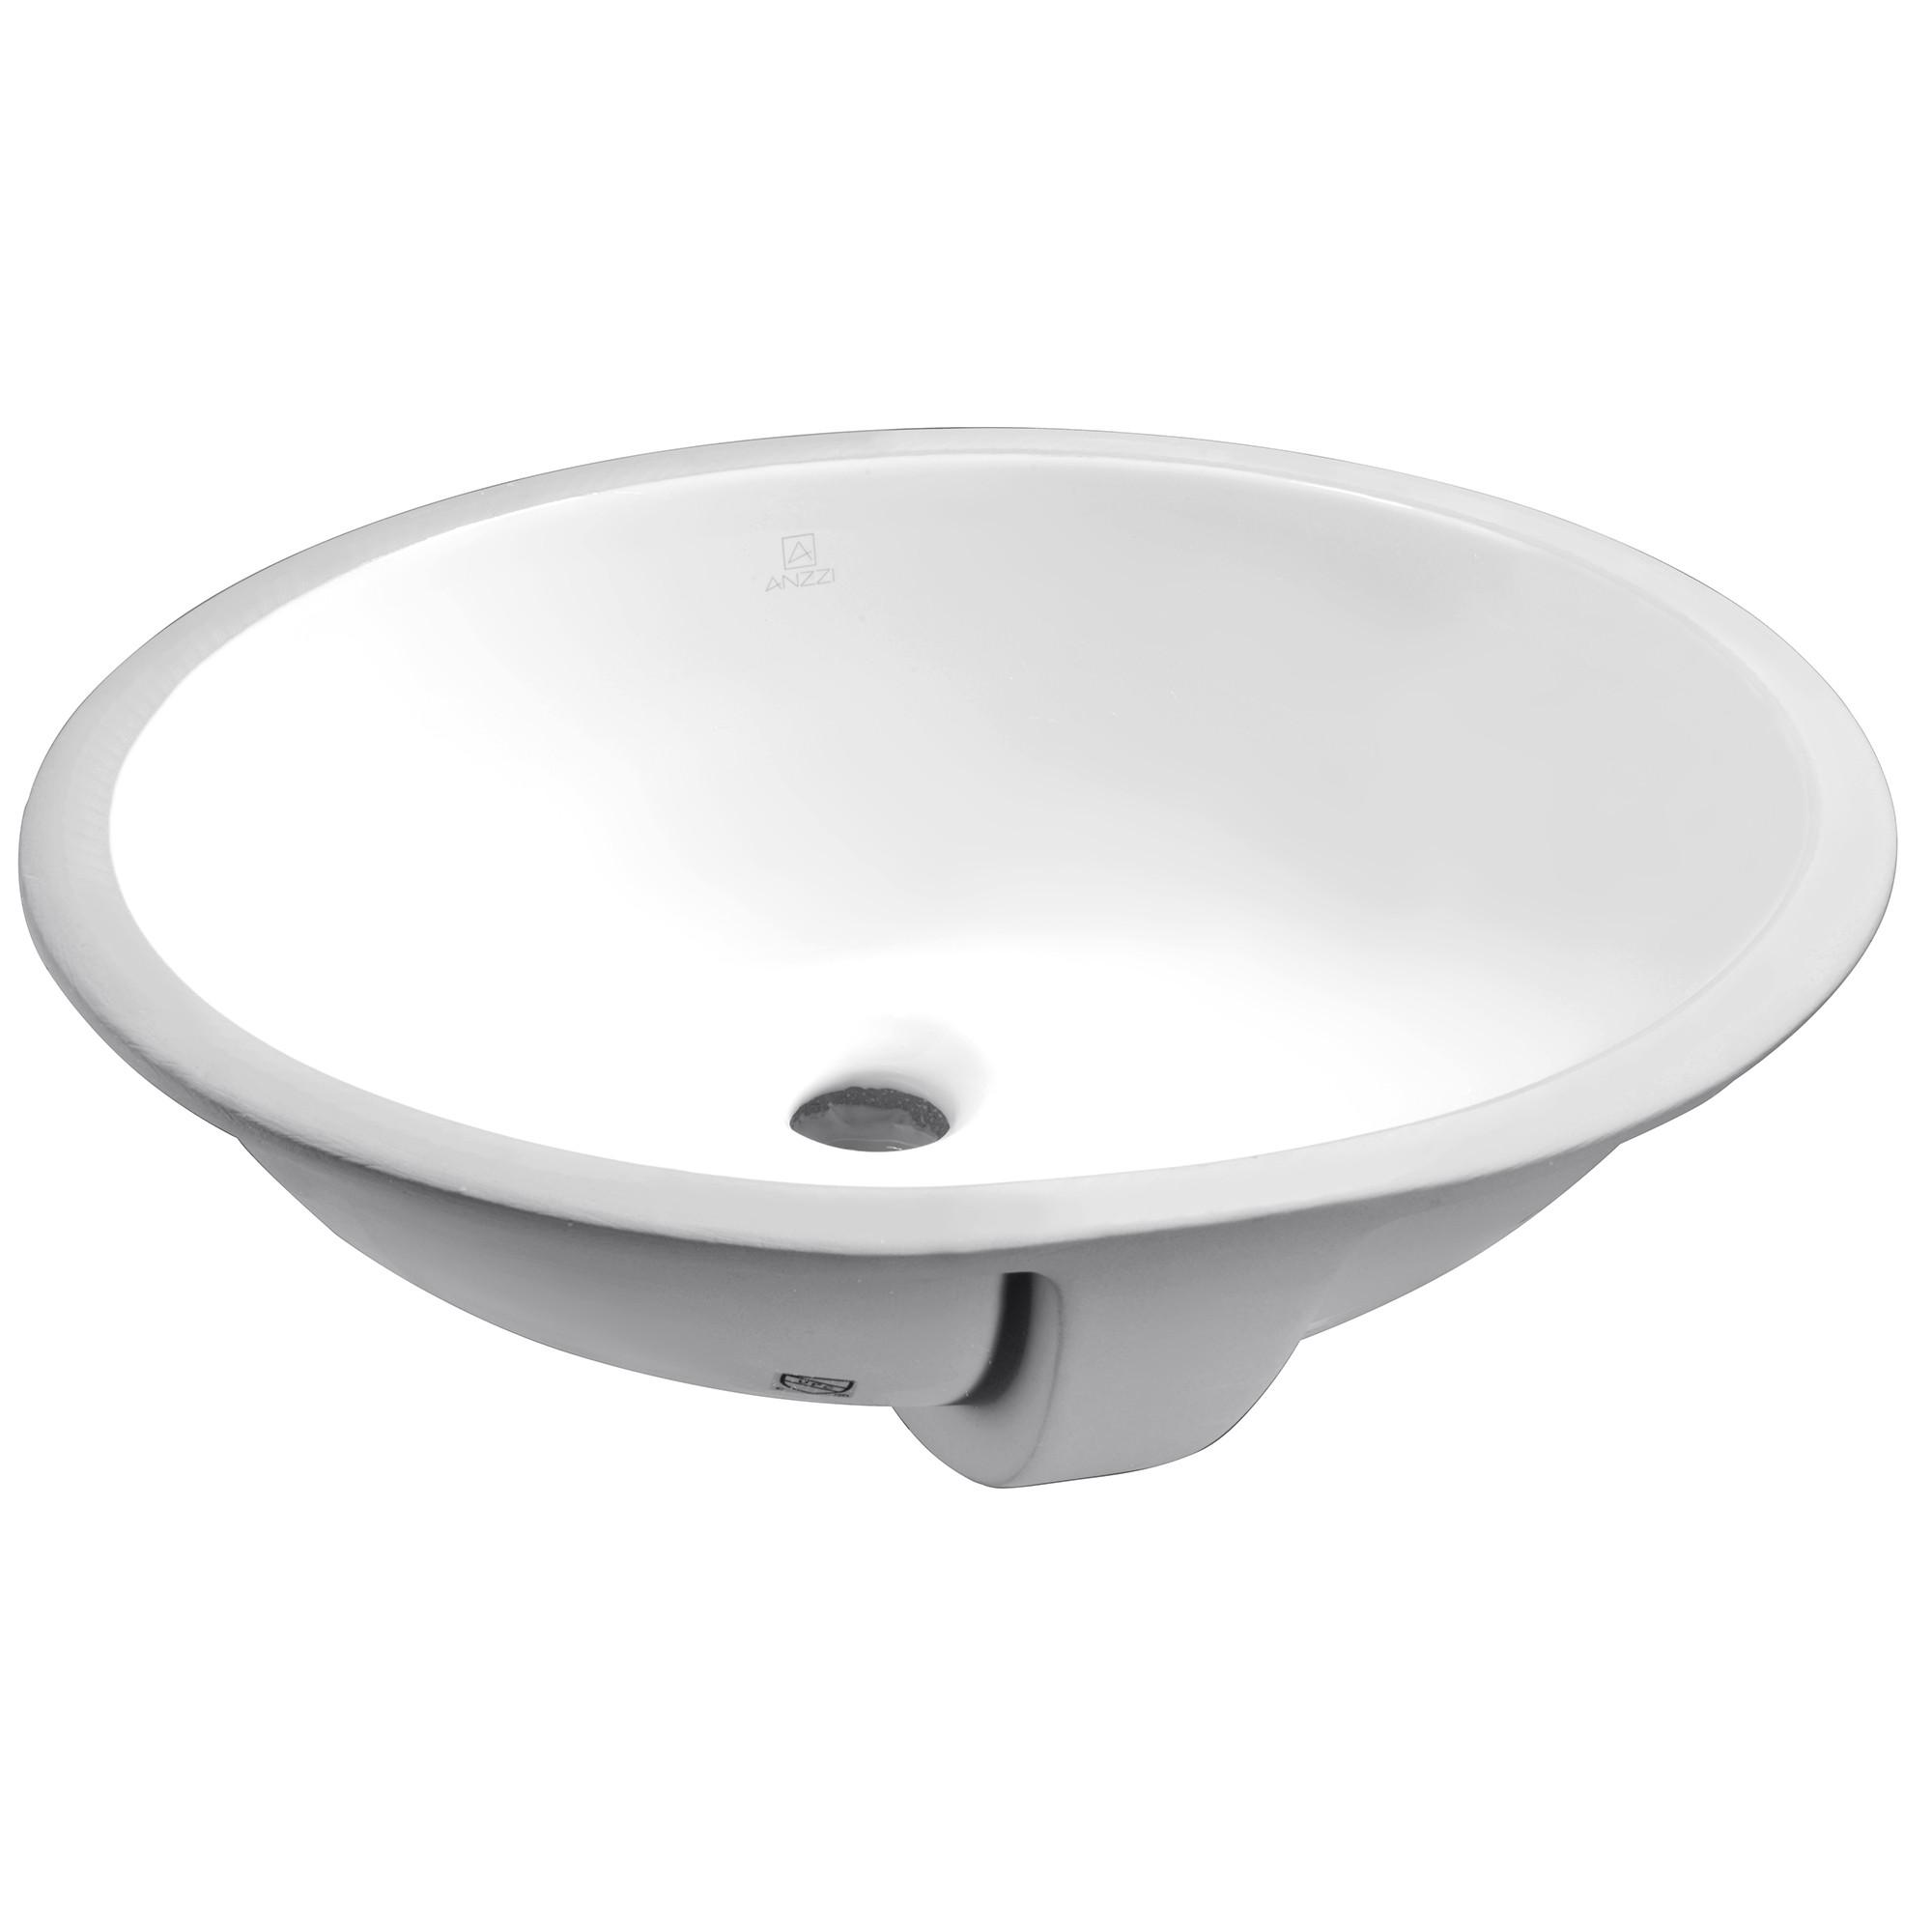 """ANZZI LS-AZ110 Rhodes Series 7.5"""" Ceramic Undermount Sink Basin In White"""